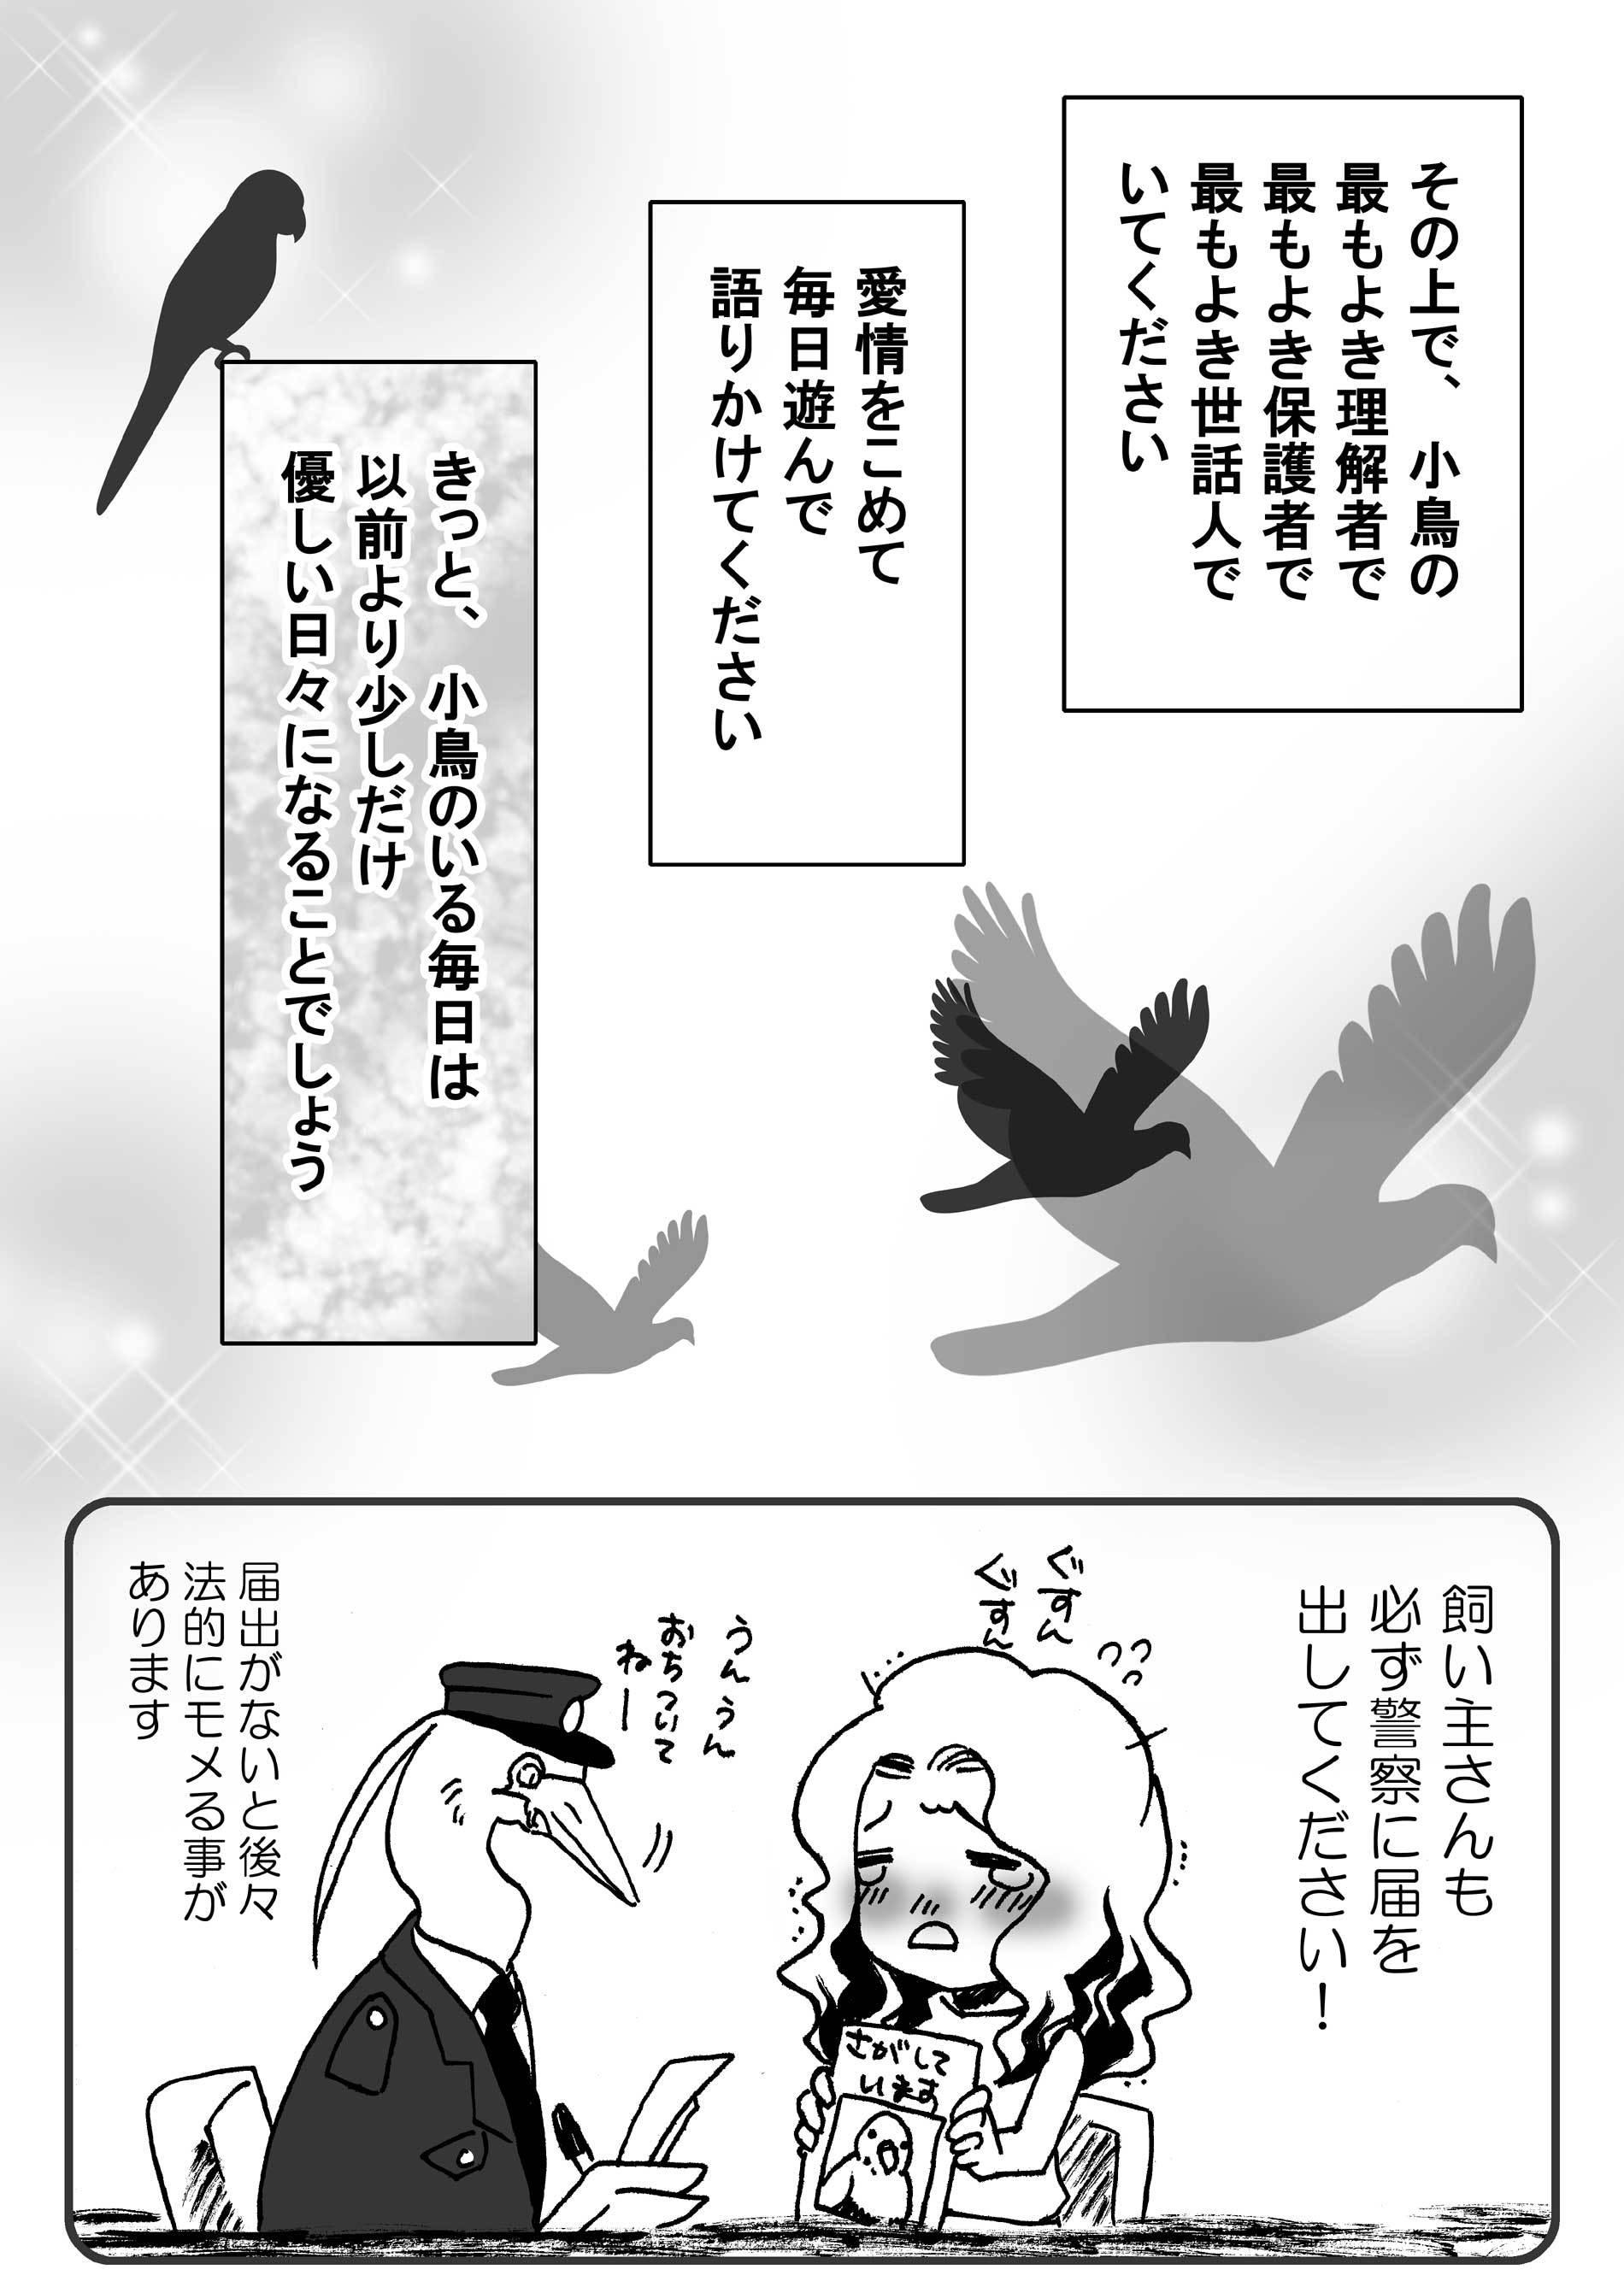 kotori-keisatu4.jpg